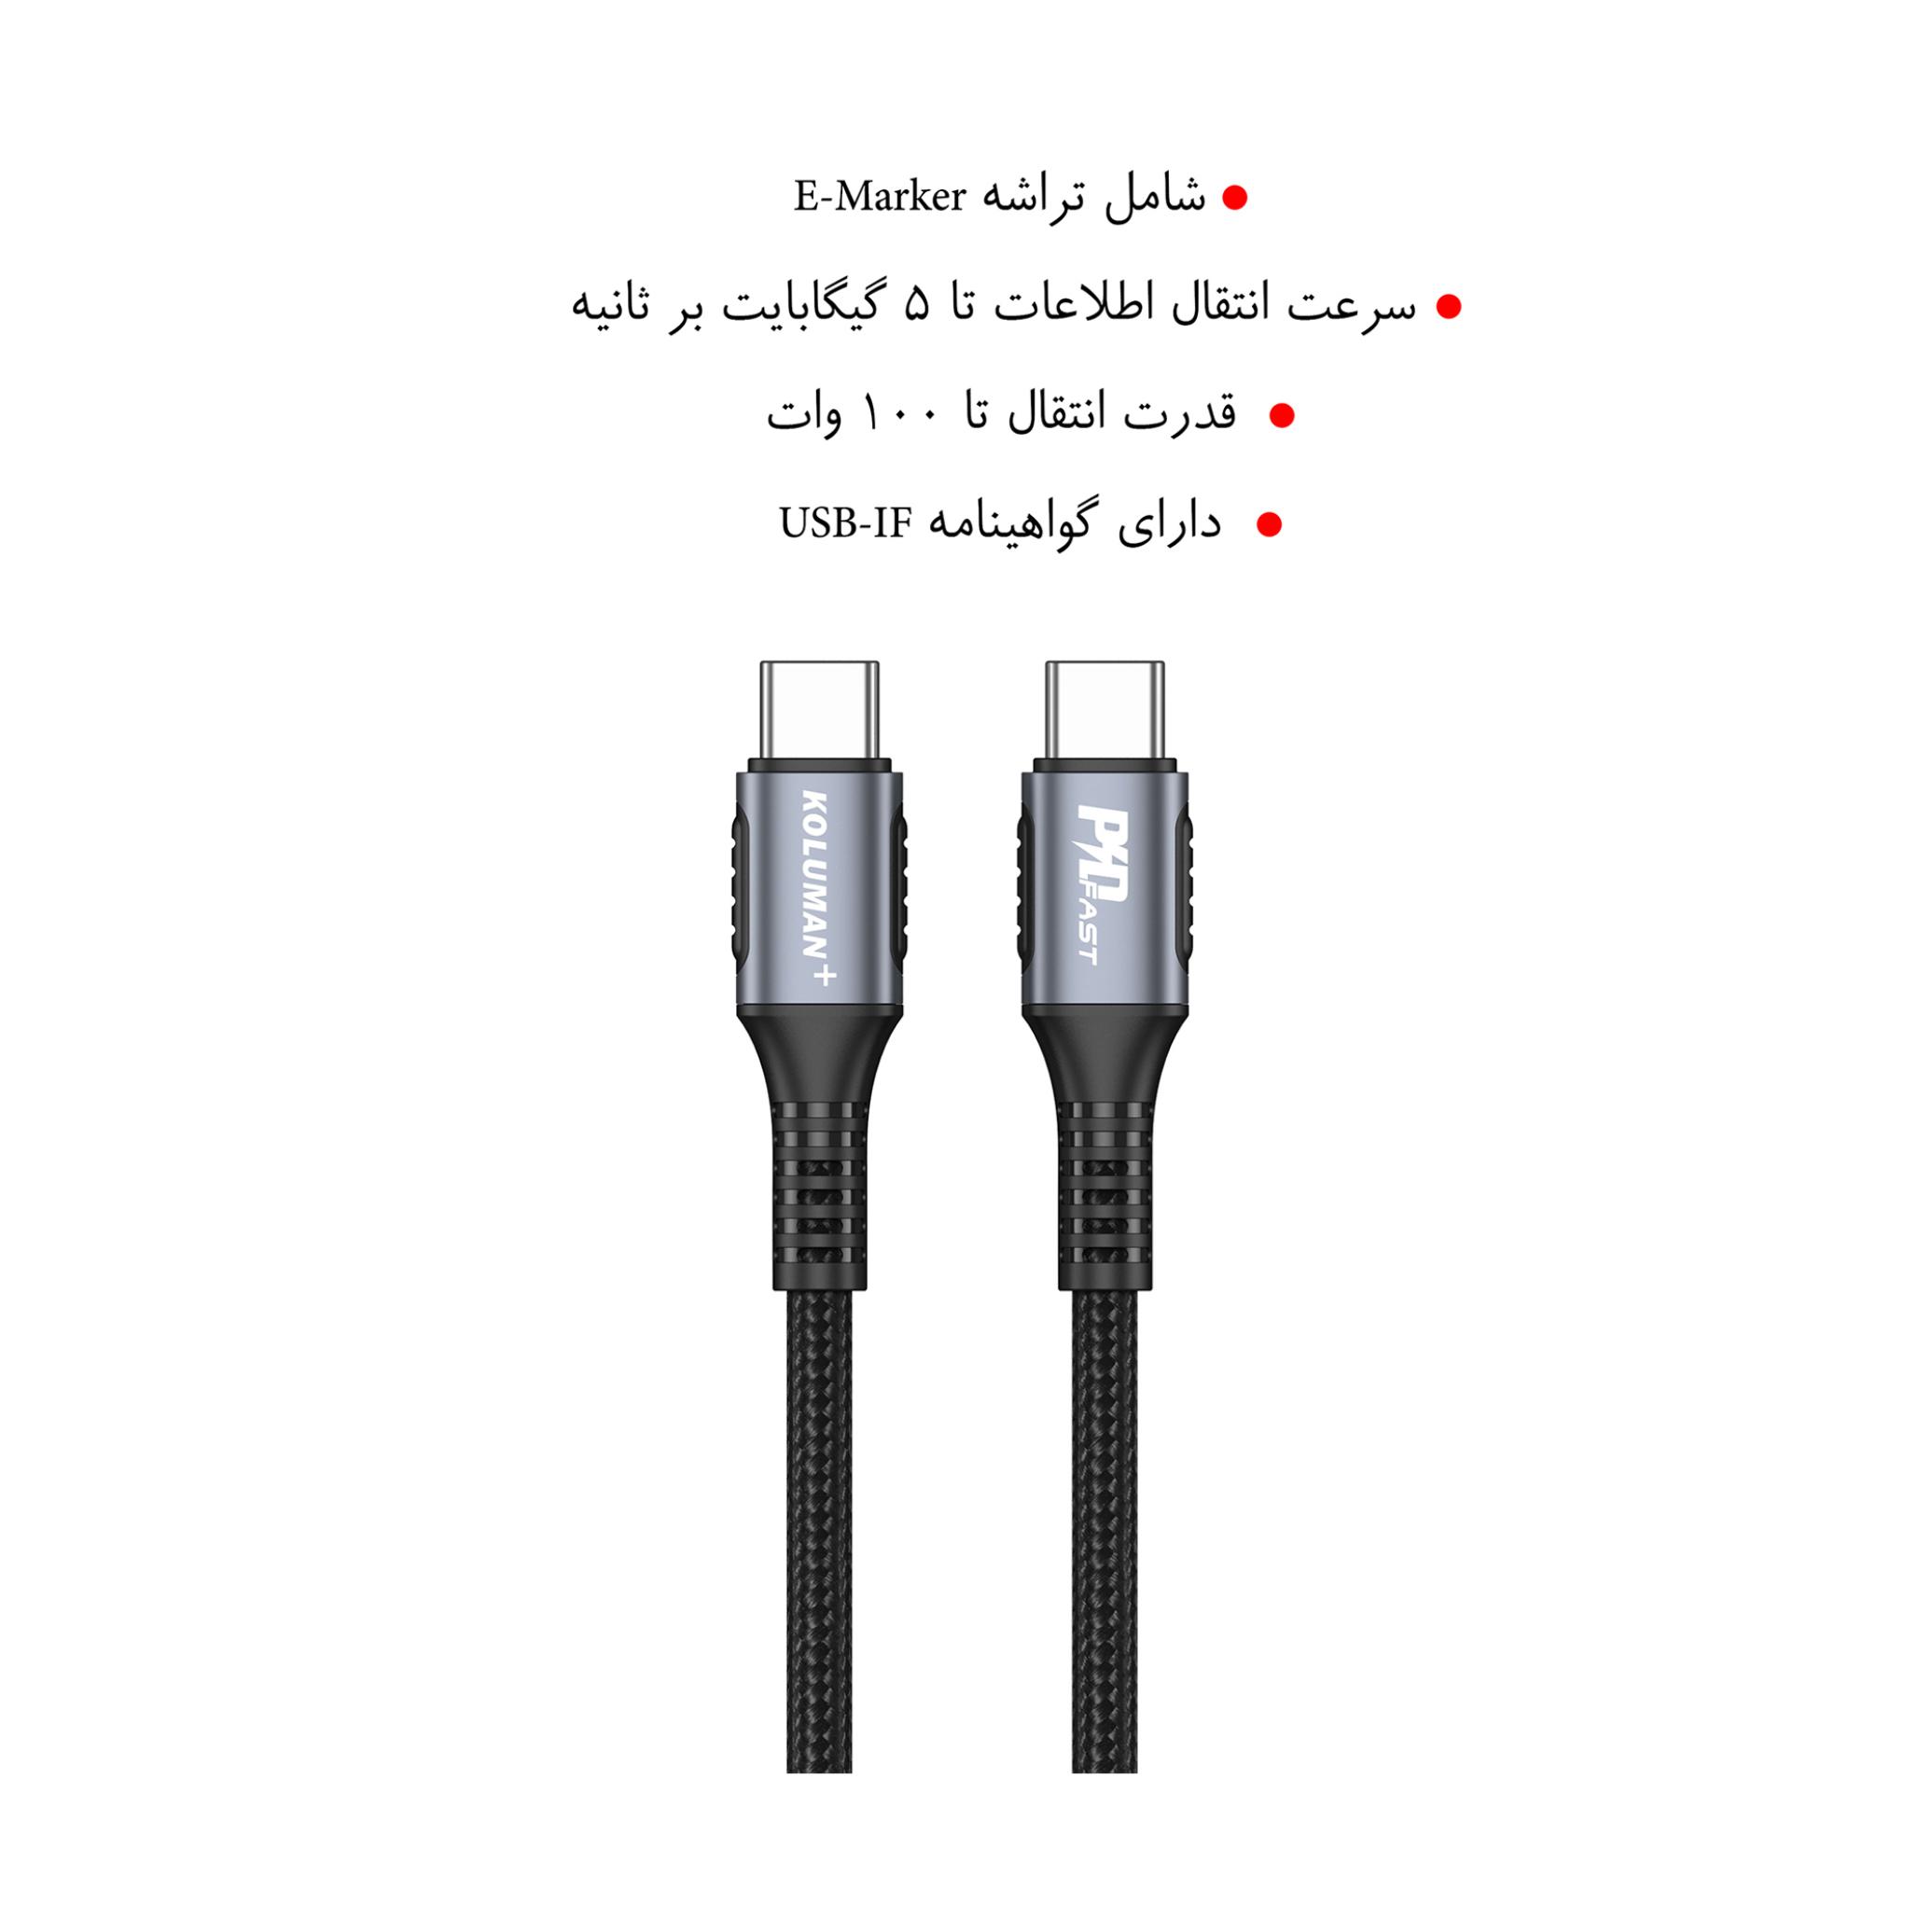 کابل تبدیل USB-C به USB-C3.1 Gen1 کلومن پلاس مدل K8+ طول یک متر دارای تراشه E-marker و پشتیبانی از فناوری PD و قابلیت ان